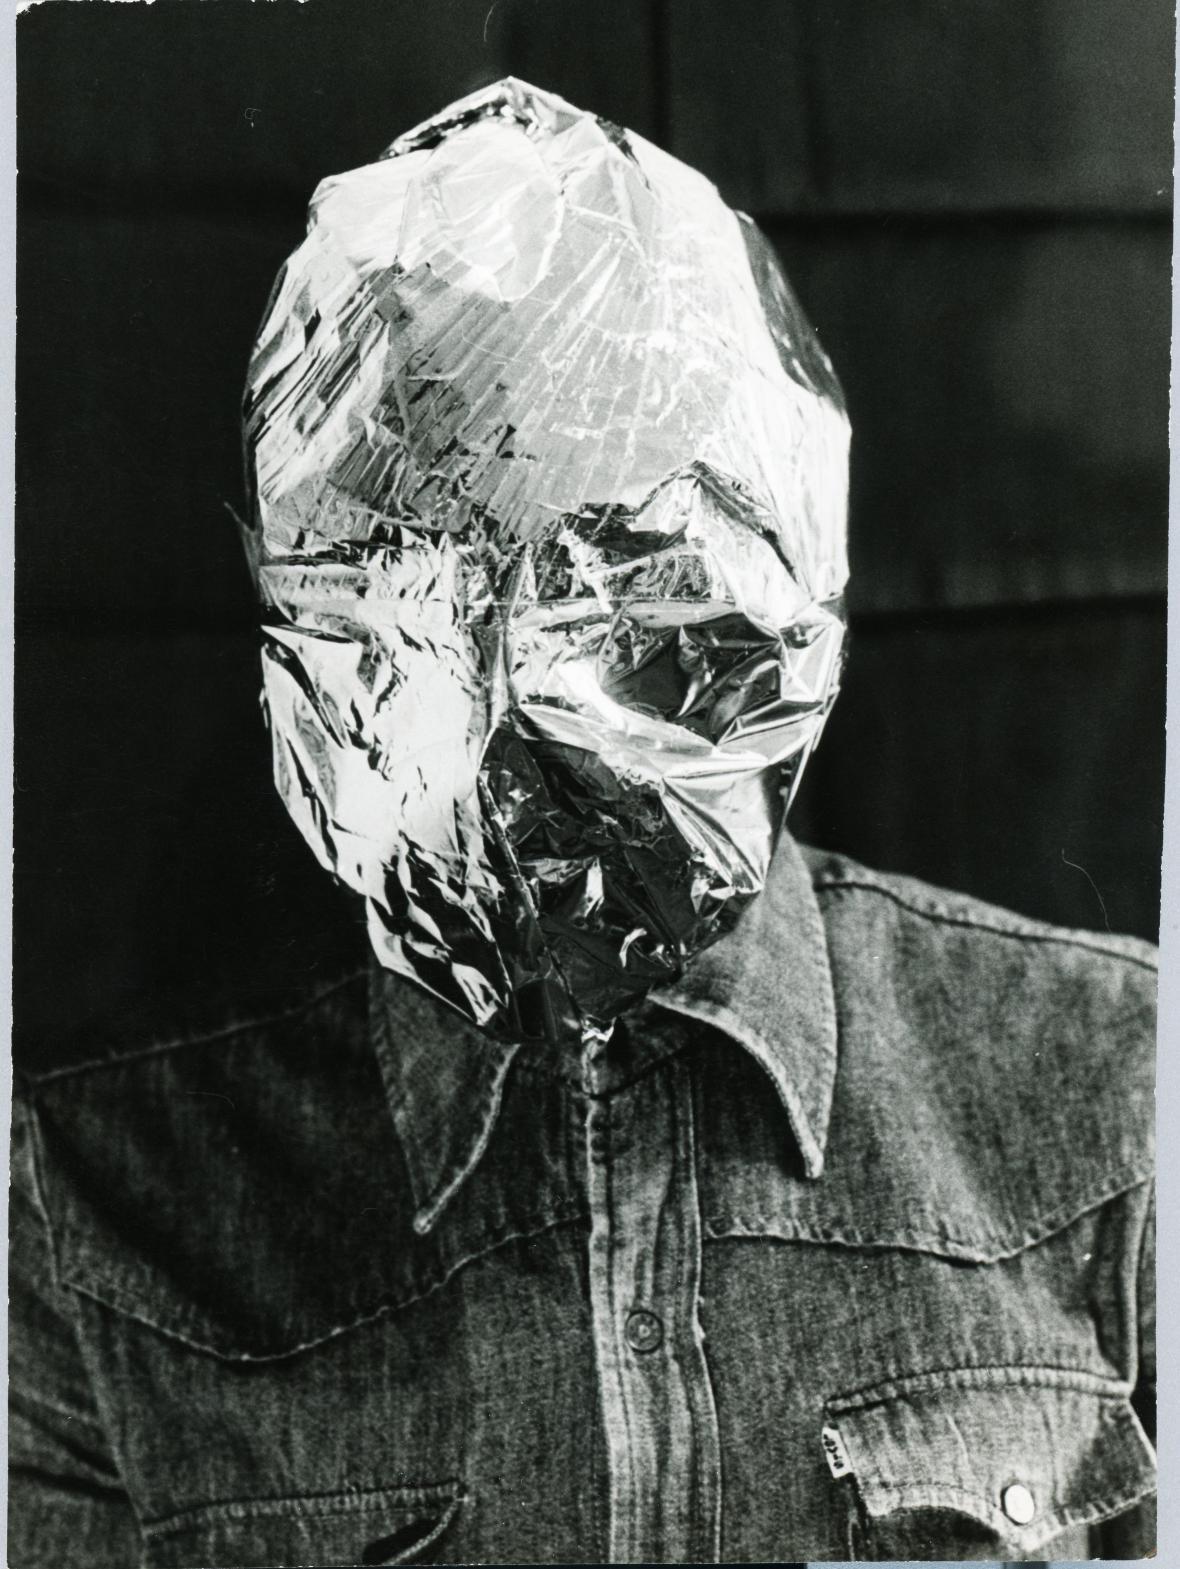 Vladimír Ambroz / Svět je obrazem, 1979